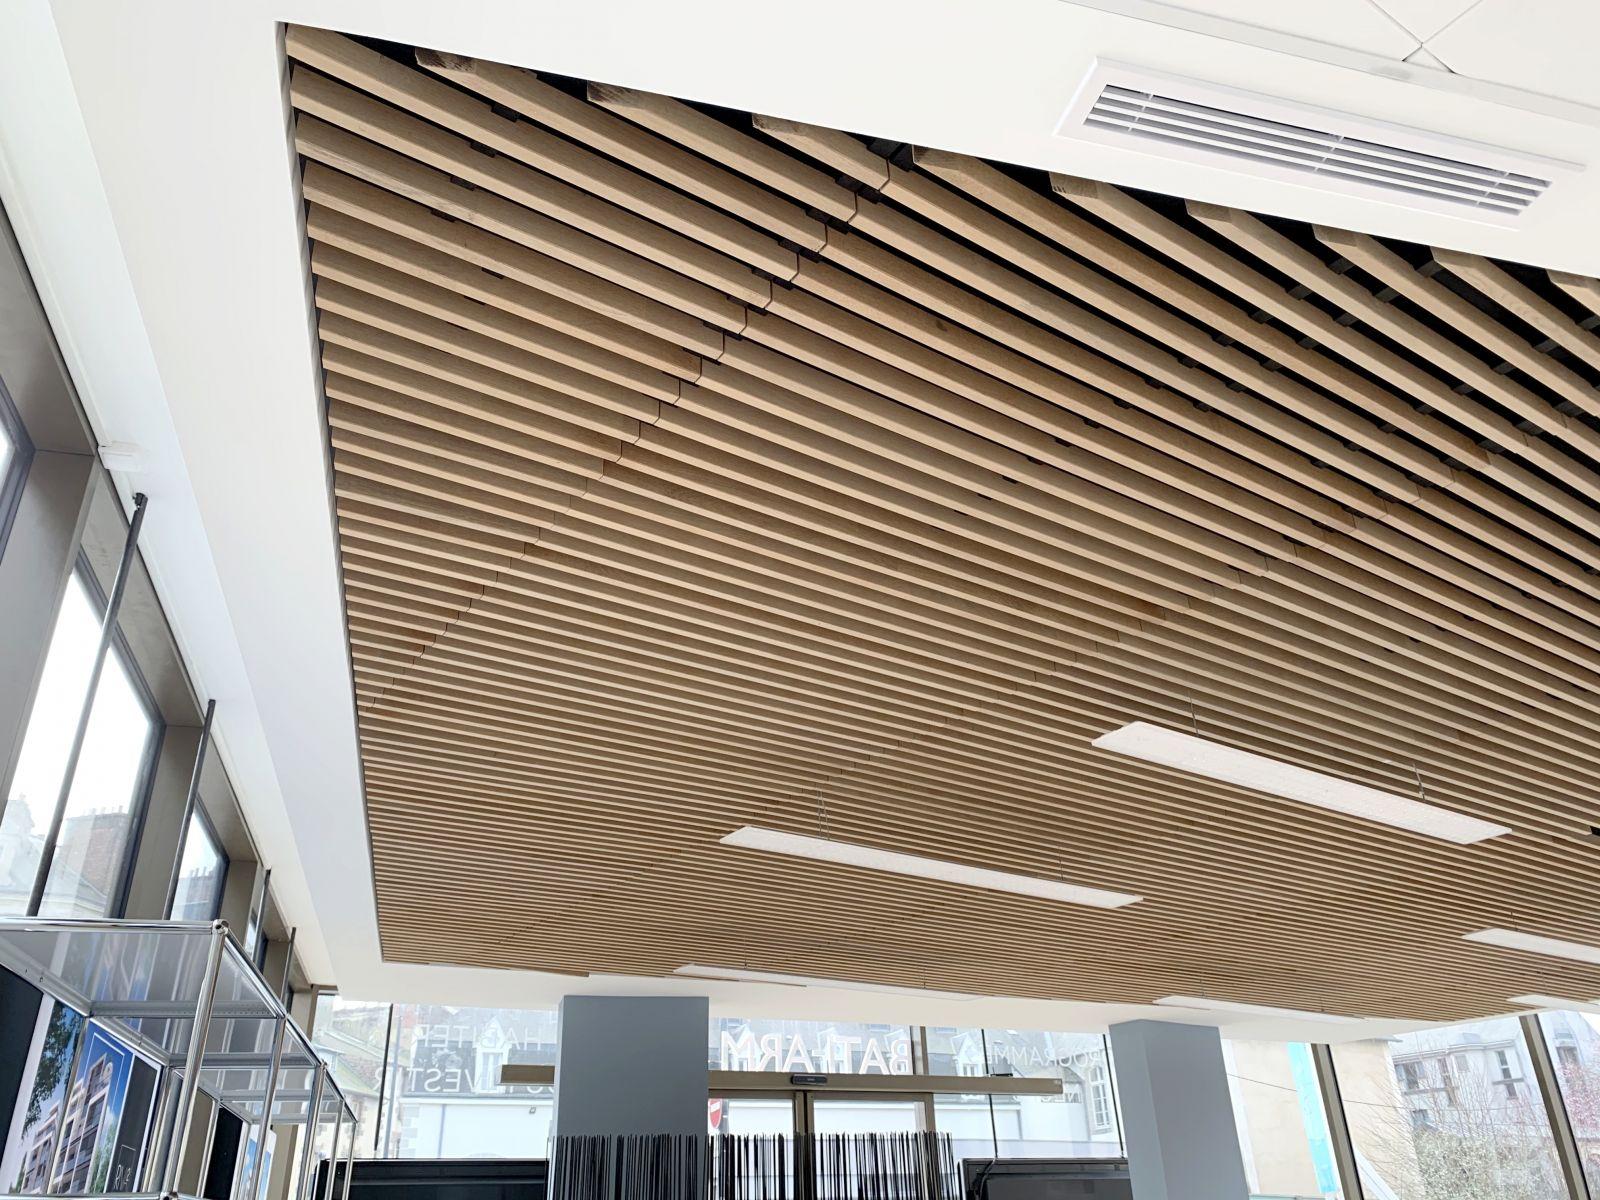 Les Faux Plafonds En Bois Faciles A Poser Seuls Technique Innovation